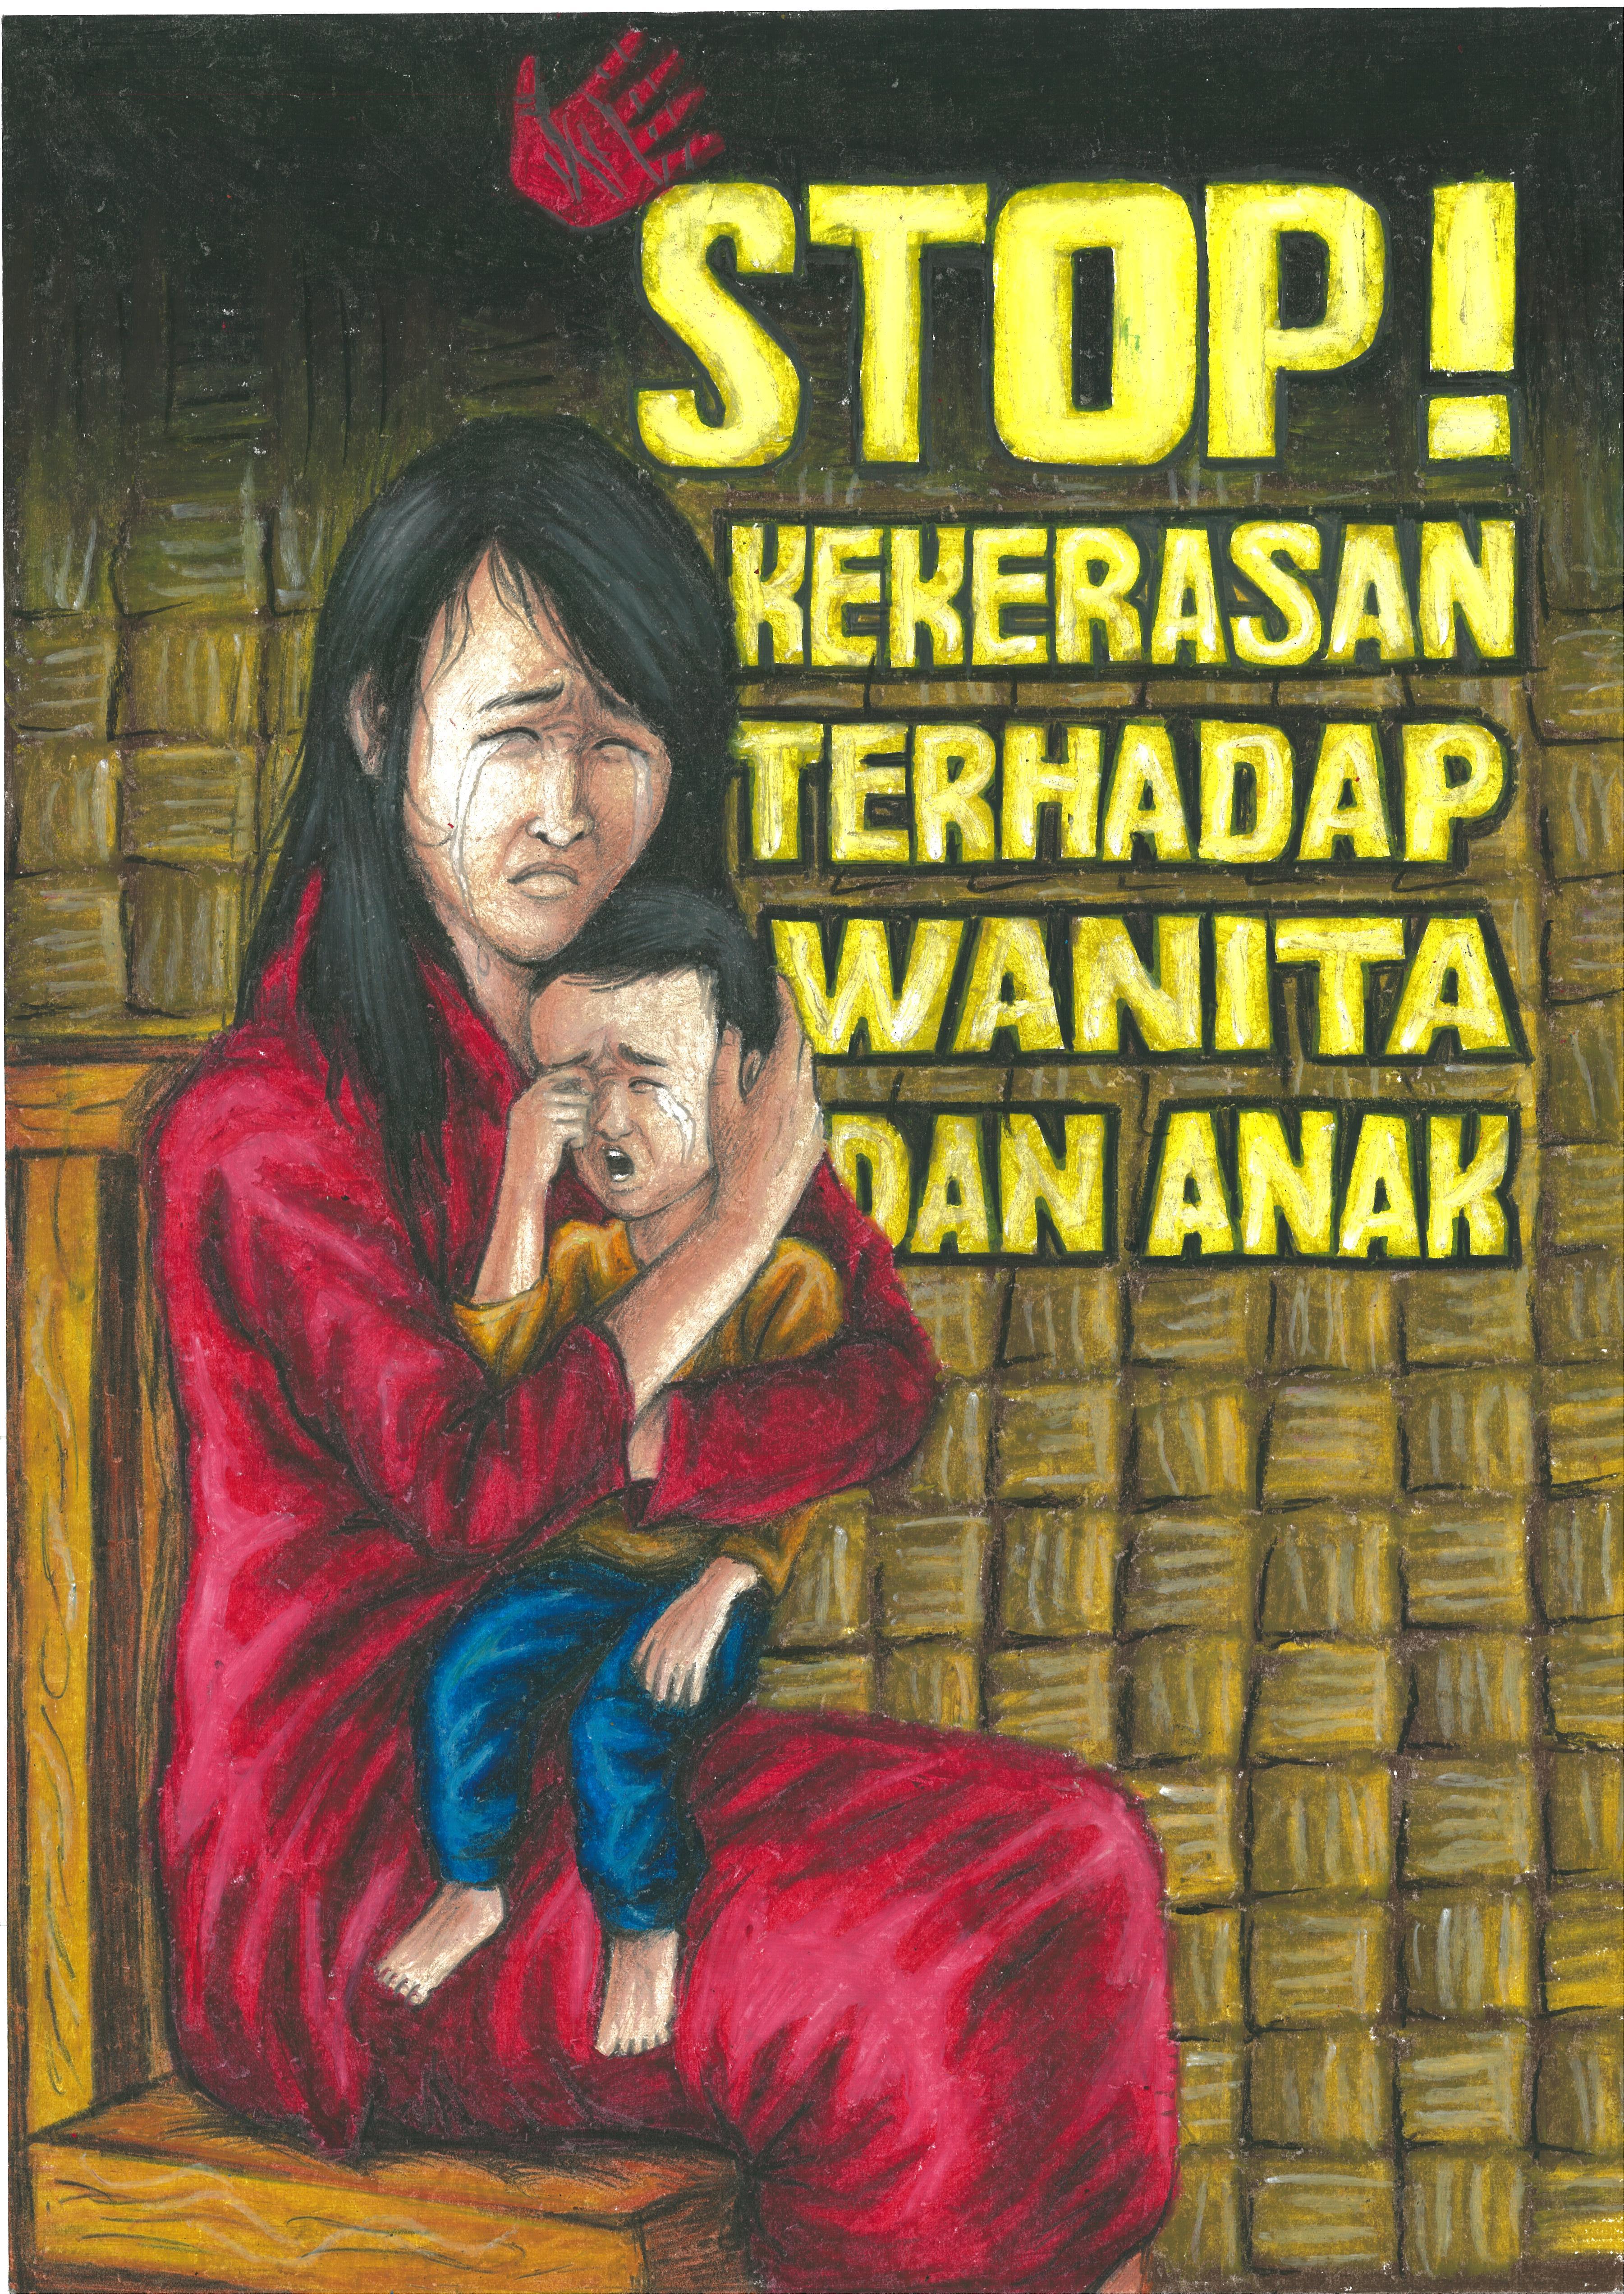 Karya Yuditya Effendi. Juara I lomba Poster Tahun 2015 Kategori Remaja Kecamatan Punggelan, Kabupaten Banjarnegara